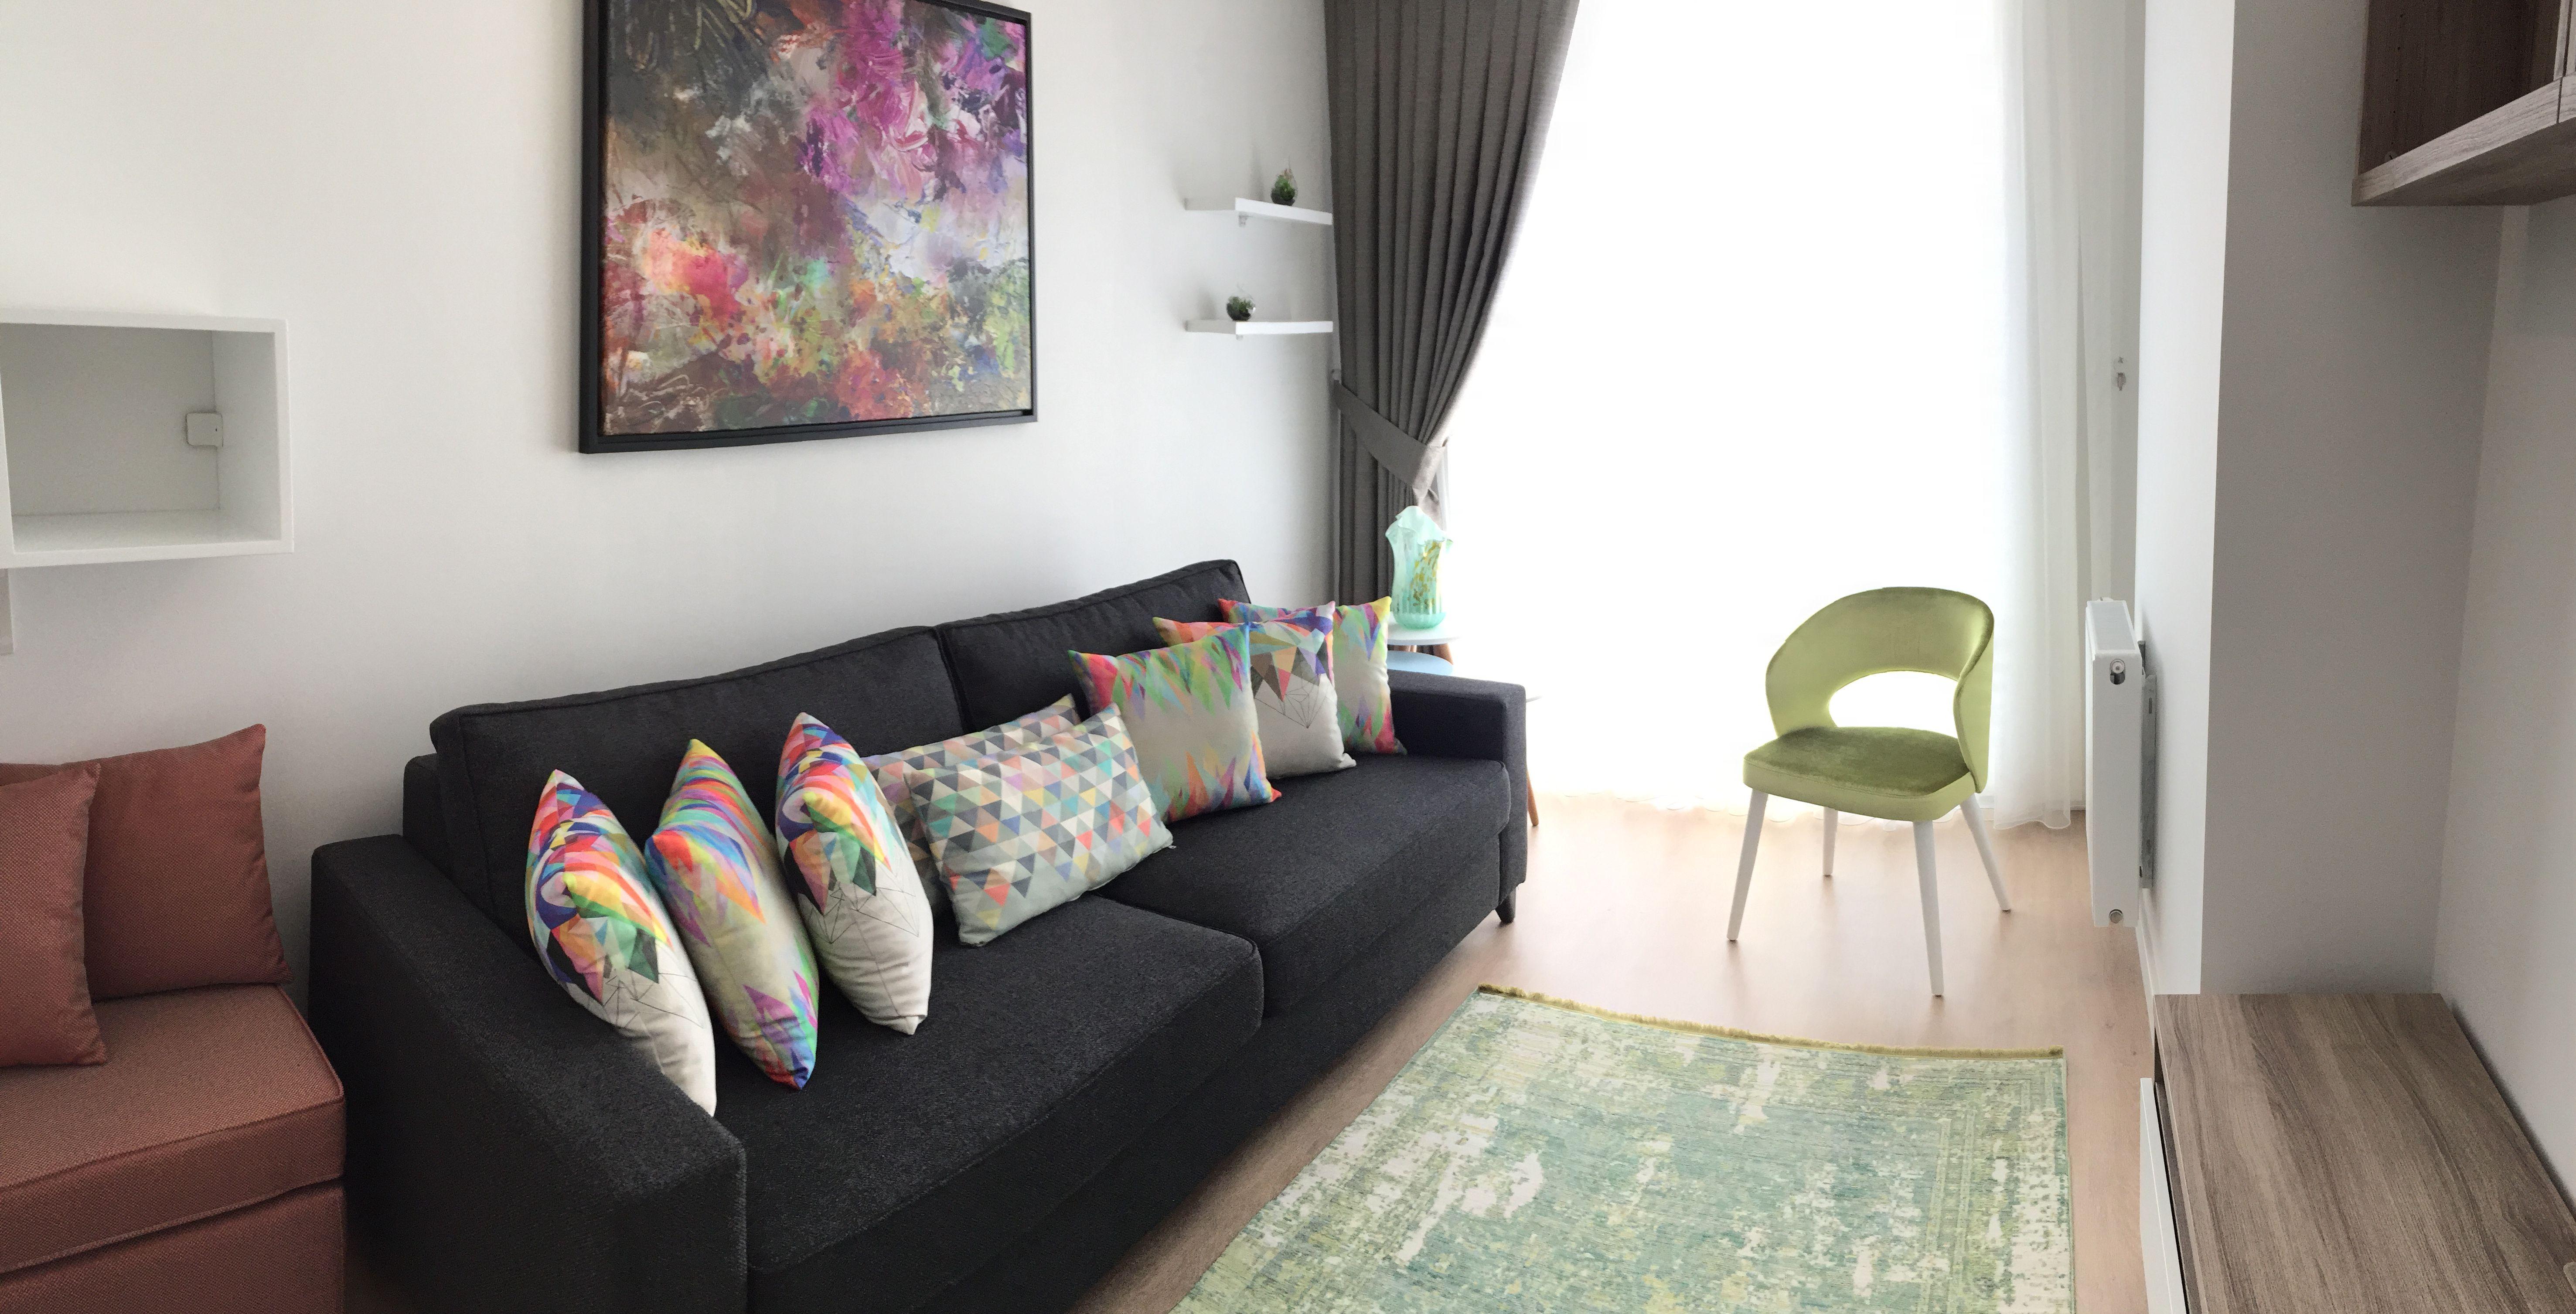 Oturma Odasi Dekorasyonu Yasam Alani Kose Koltuk Takimi Tv Unitesi Sik Ozel Tasarim Sandalye Oturma Odasi Dekorasyonu Dekorasyon Fikirleri Oturma Odasi